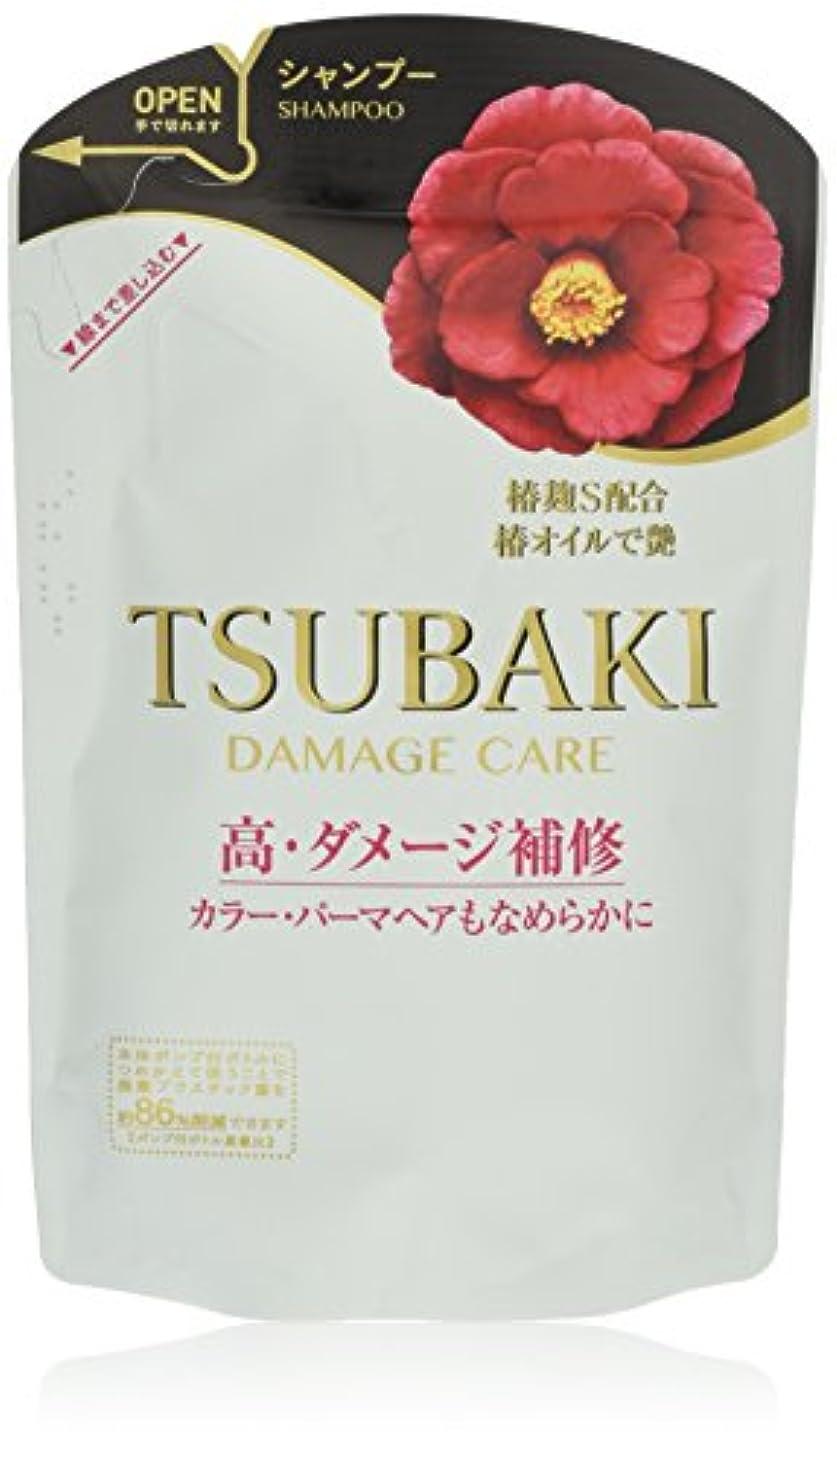 履歴書塩指標TSUBAKI ダメージケア シャンプー 詰め替え用 (カラーダメージ髪用) 345ml